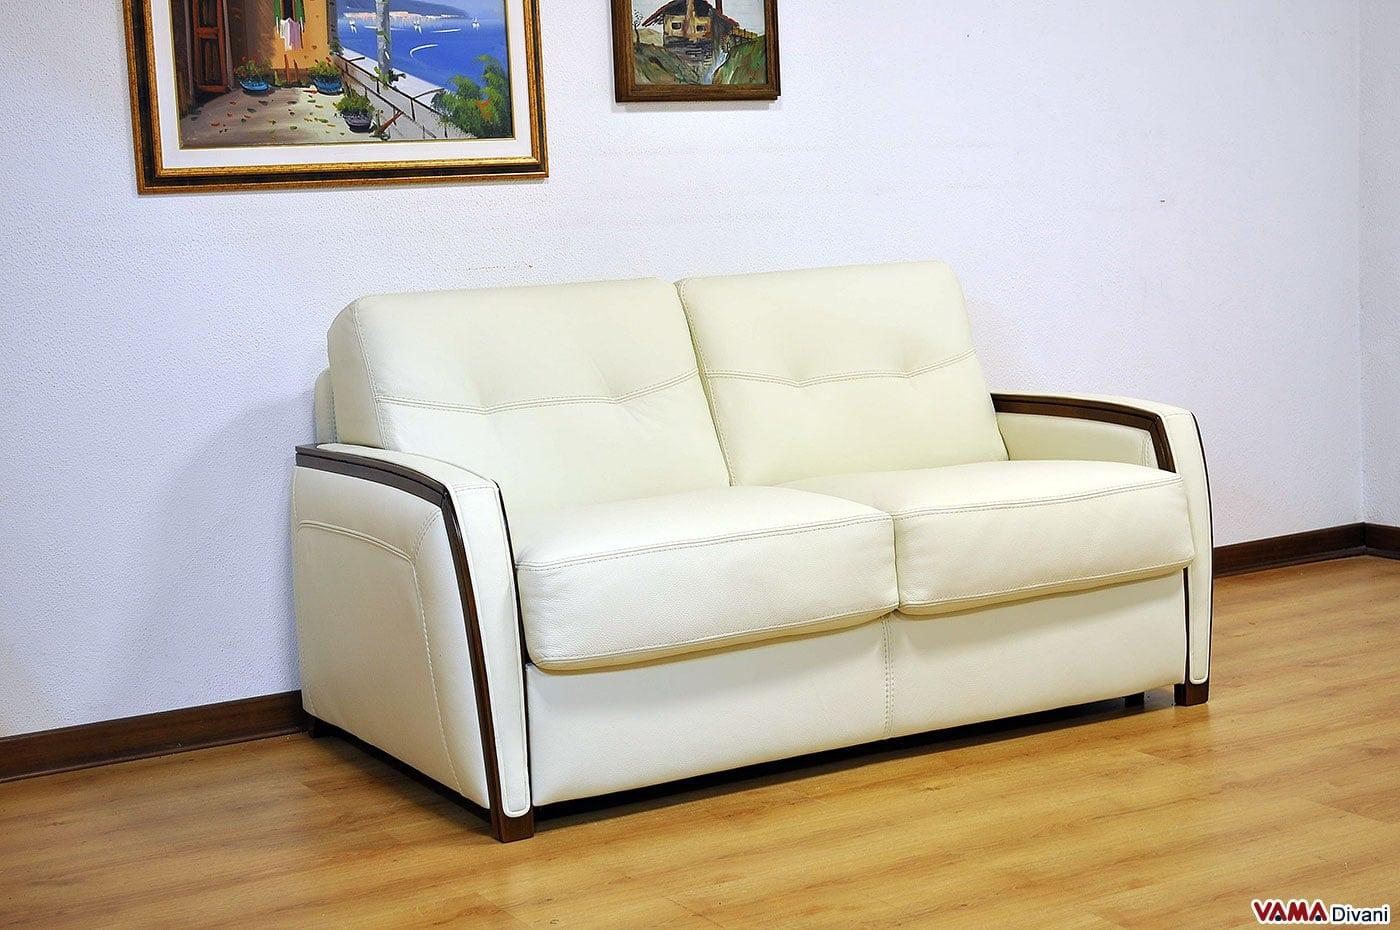 Divano letto matrimoniale moderno in pelle - Letto a divano ...